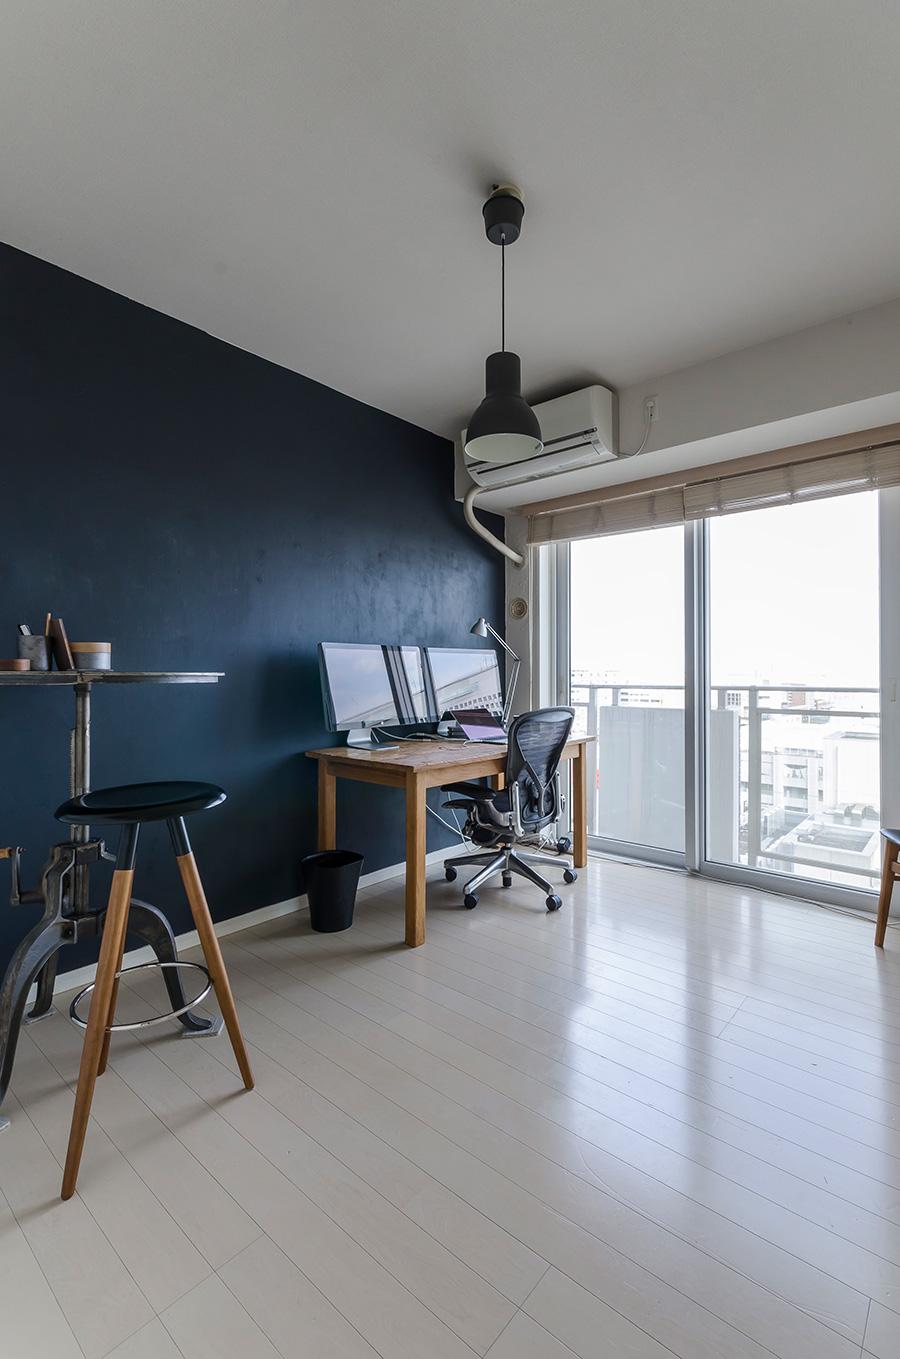 夫の仕事部屋。一面に、チョークで書き込めるブラックボードというペンキを塗った。